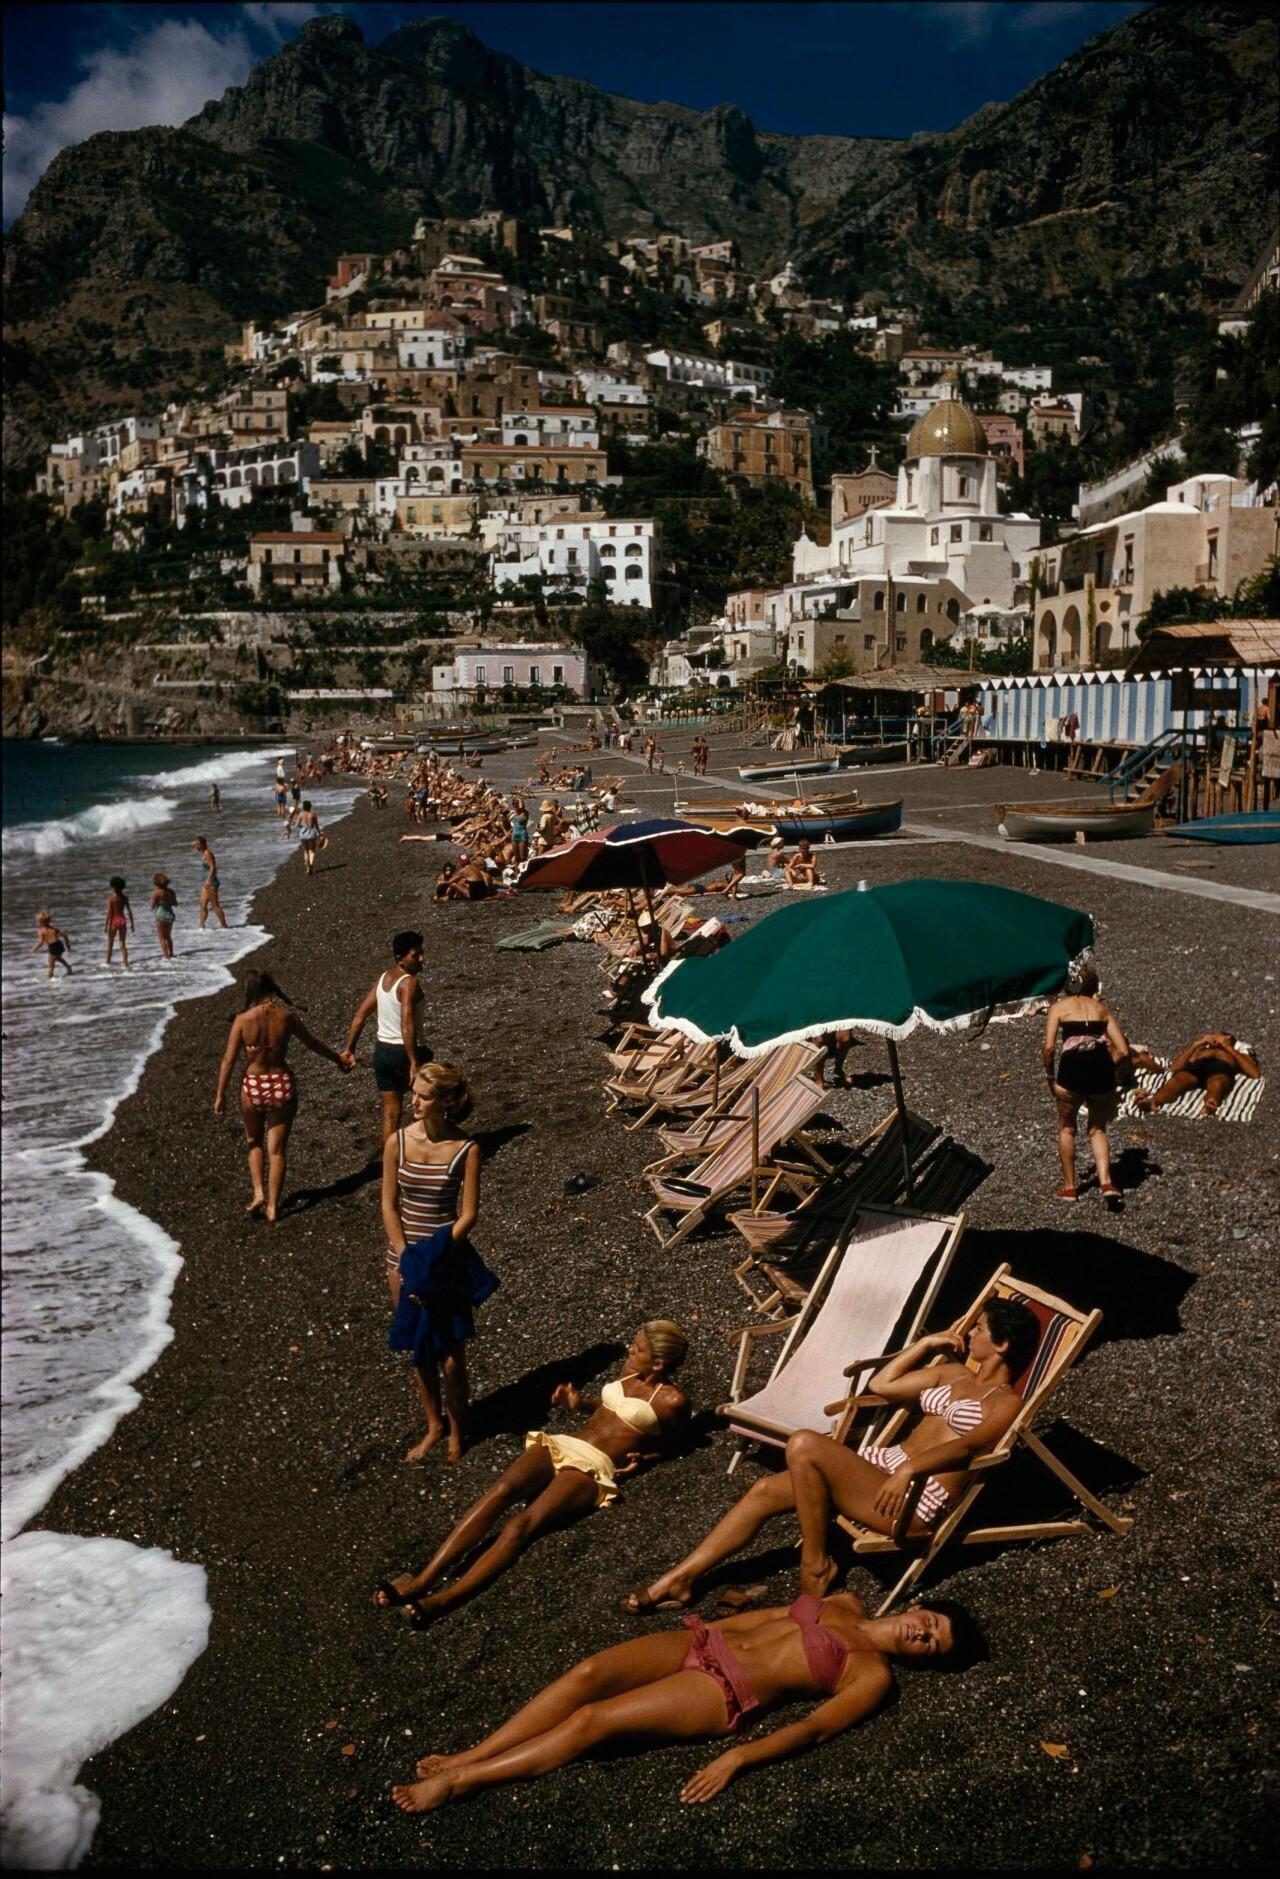 Позитано, Италия, 1959. Фотограф Луис Марден